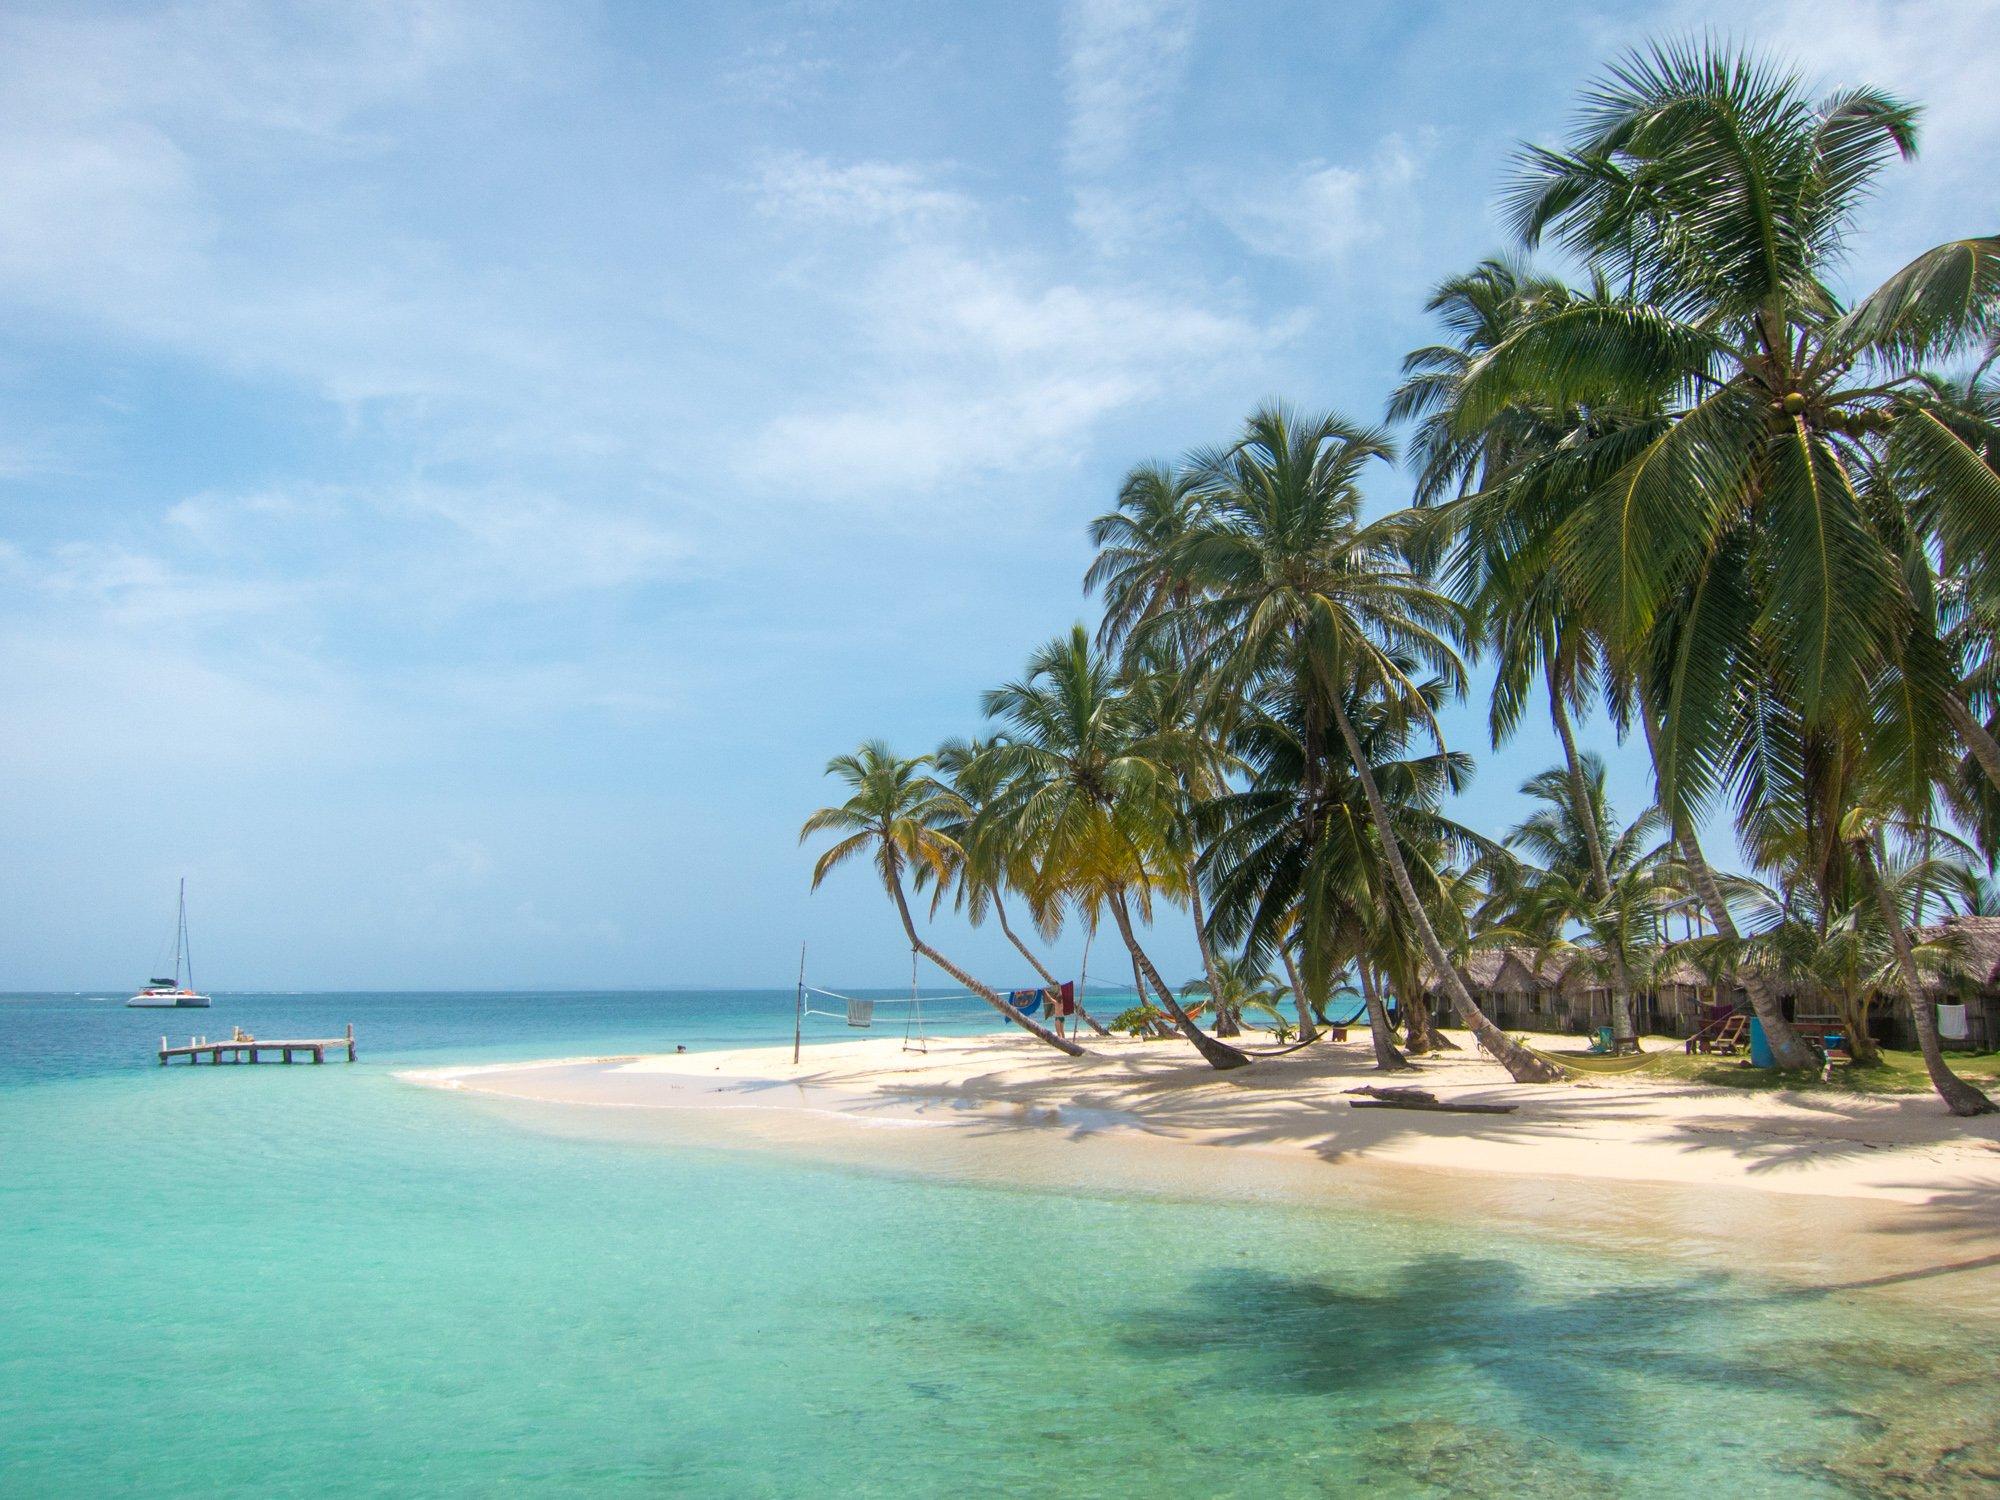 Kuanidup island, San Blas